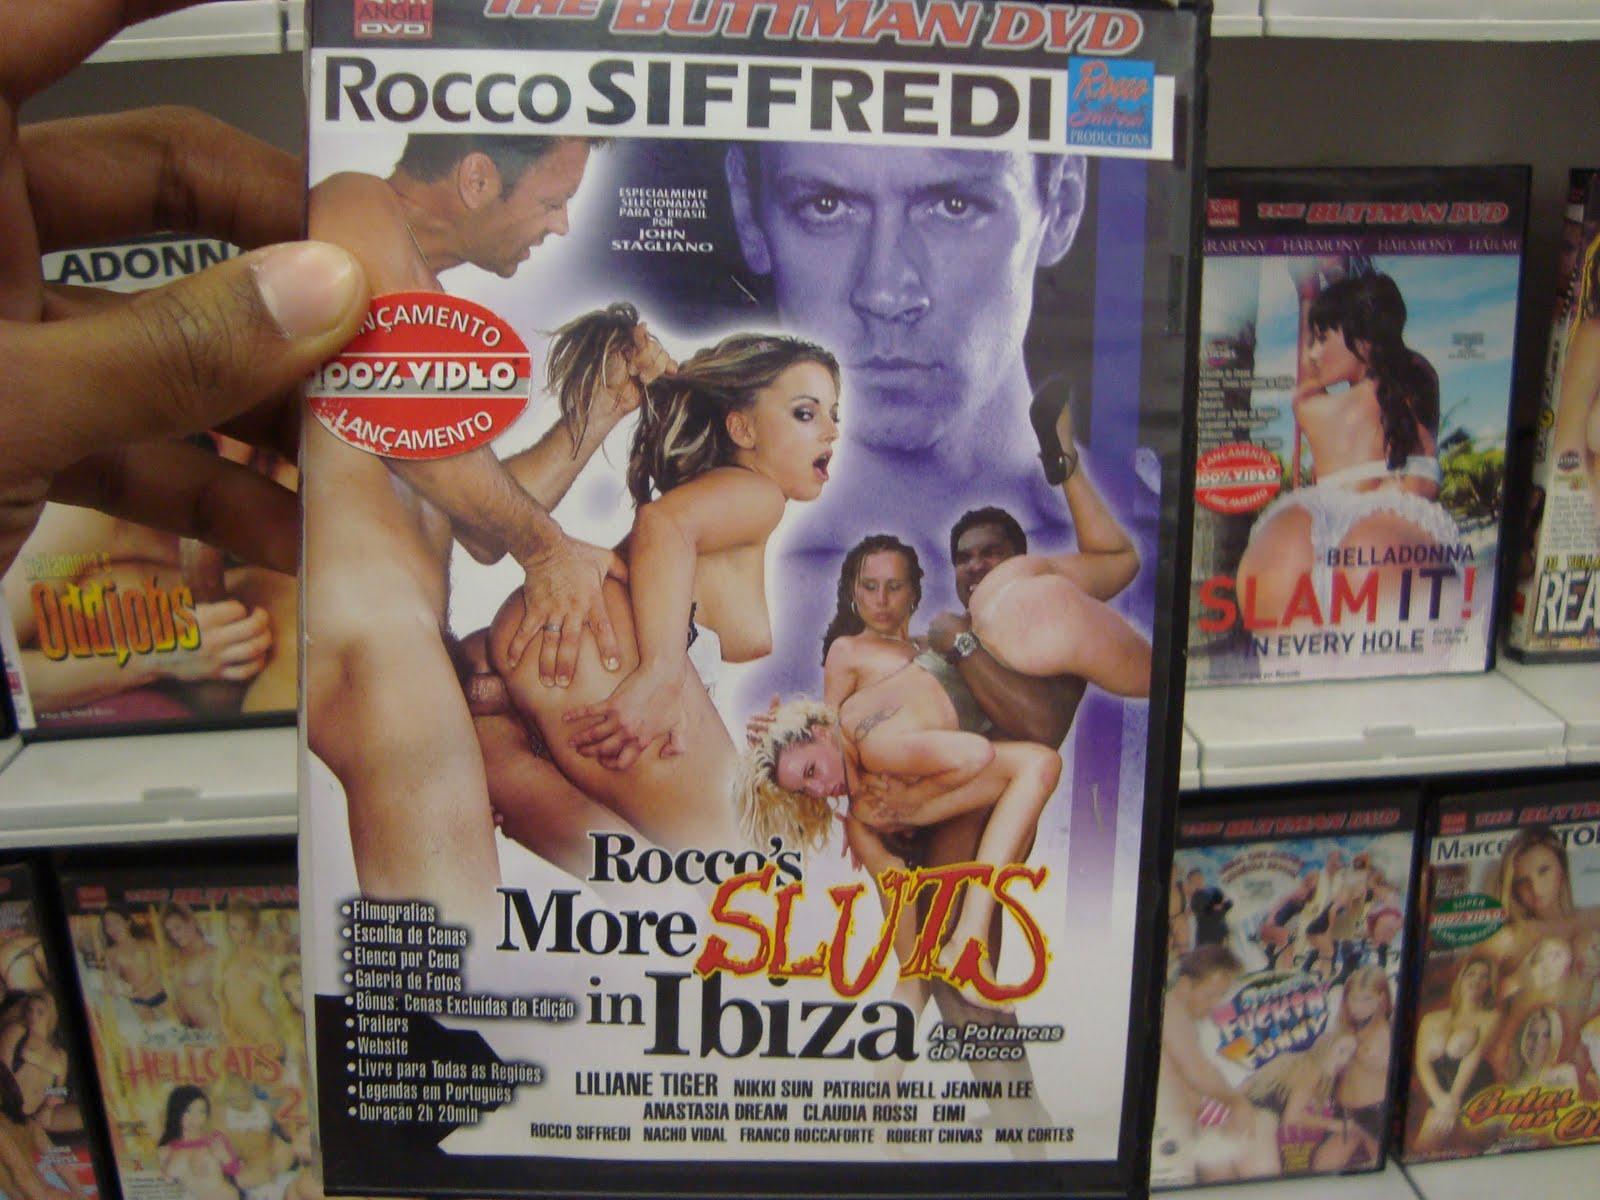 Aqui Temos Um Cl Ssico Do Garanh O Italiano As Potrancas De Rocco